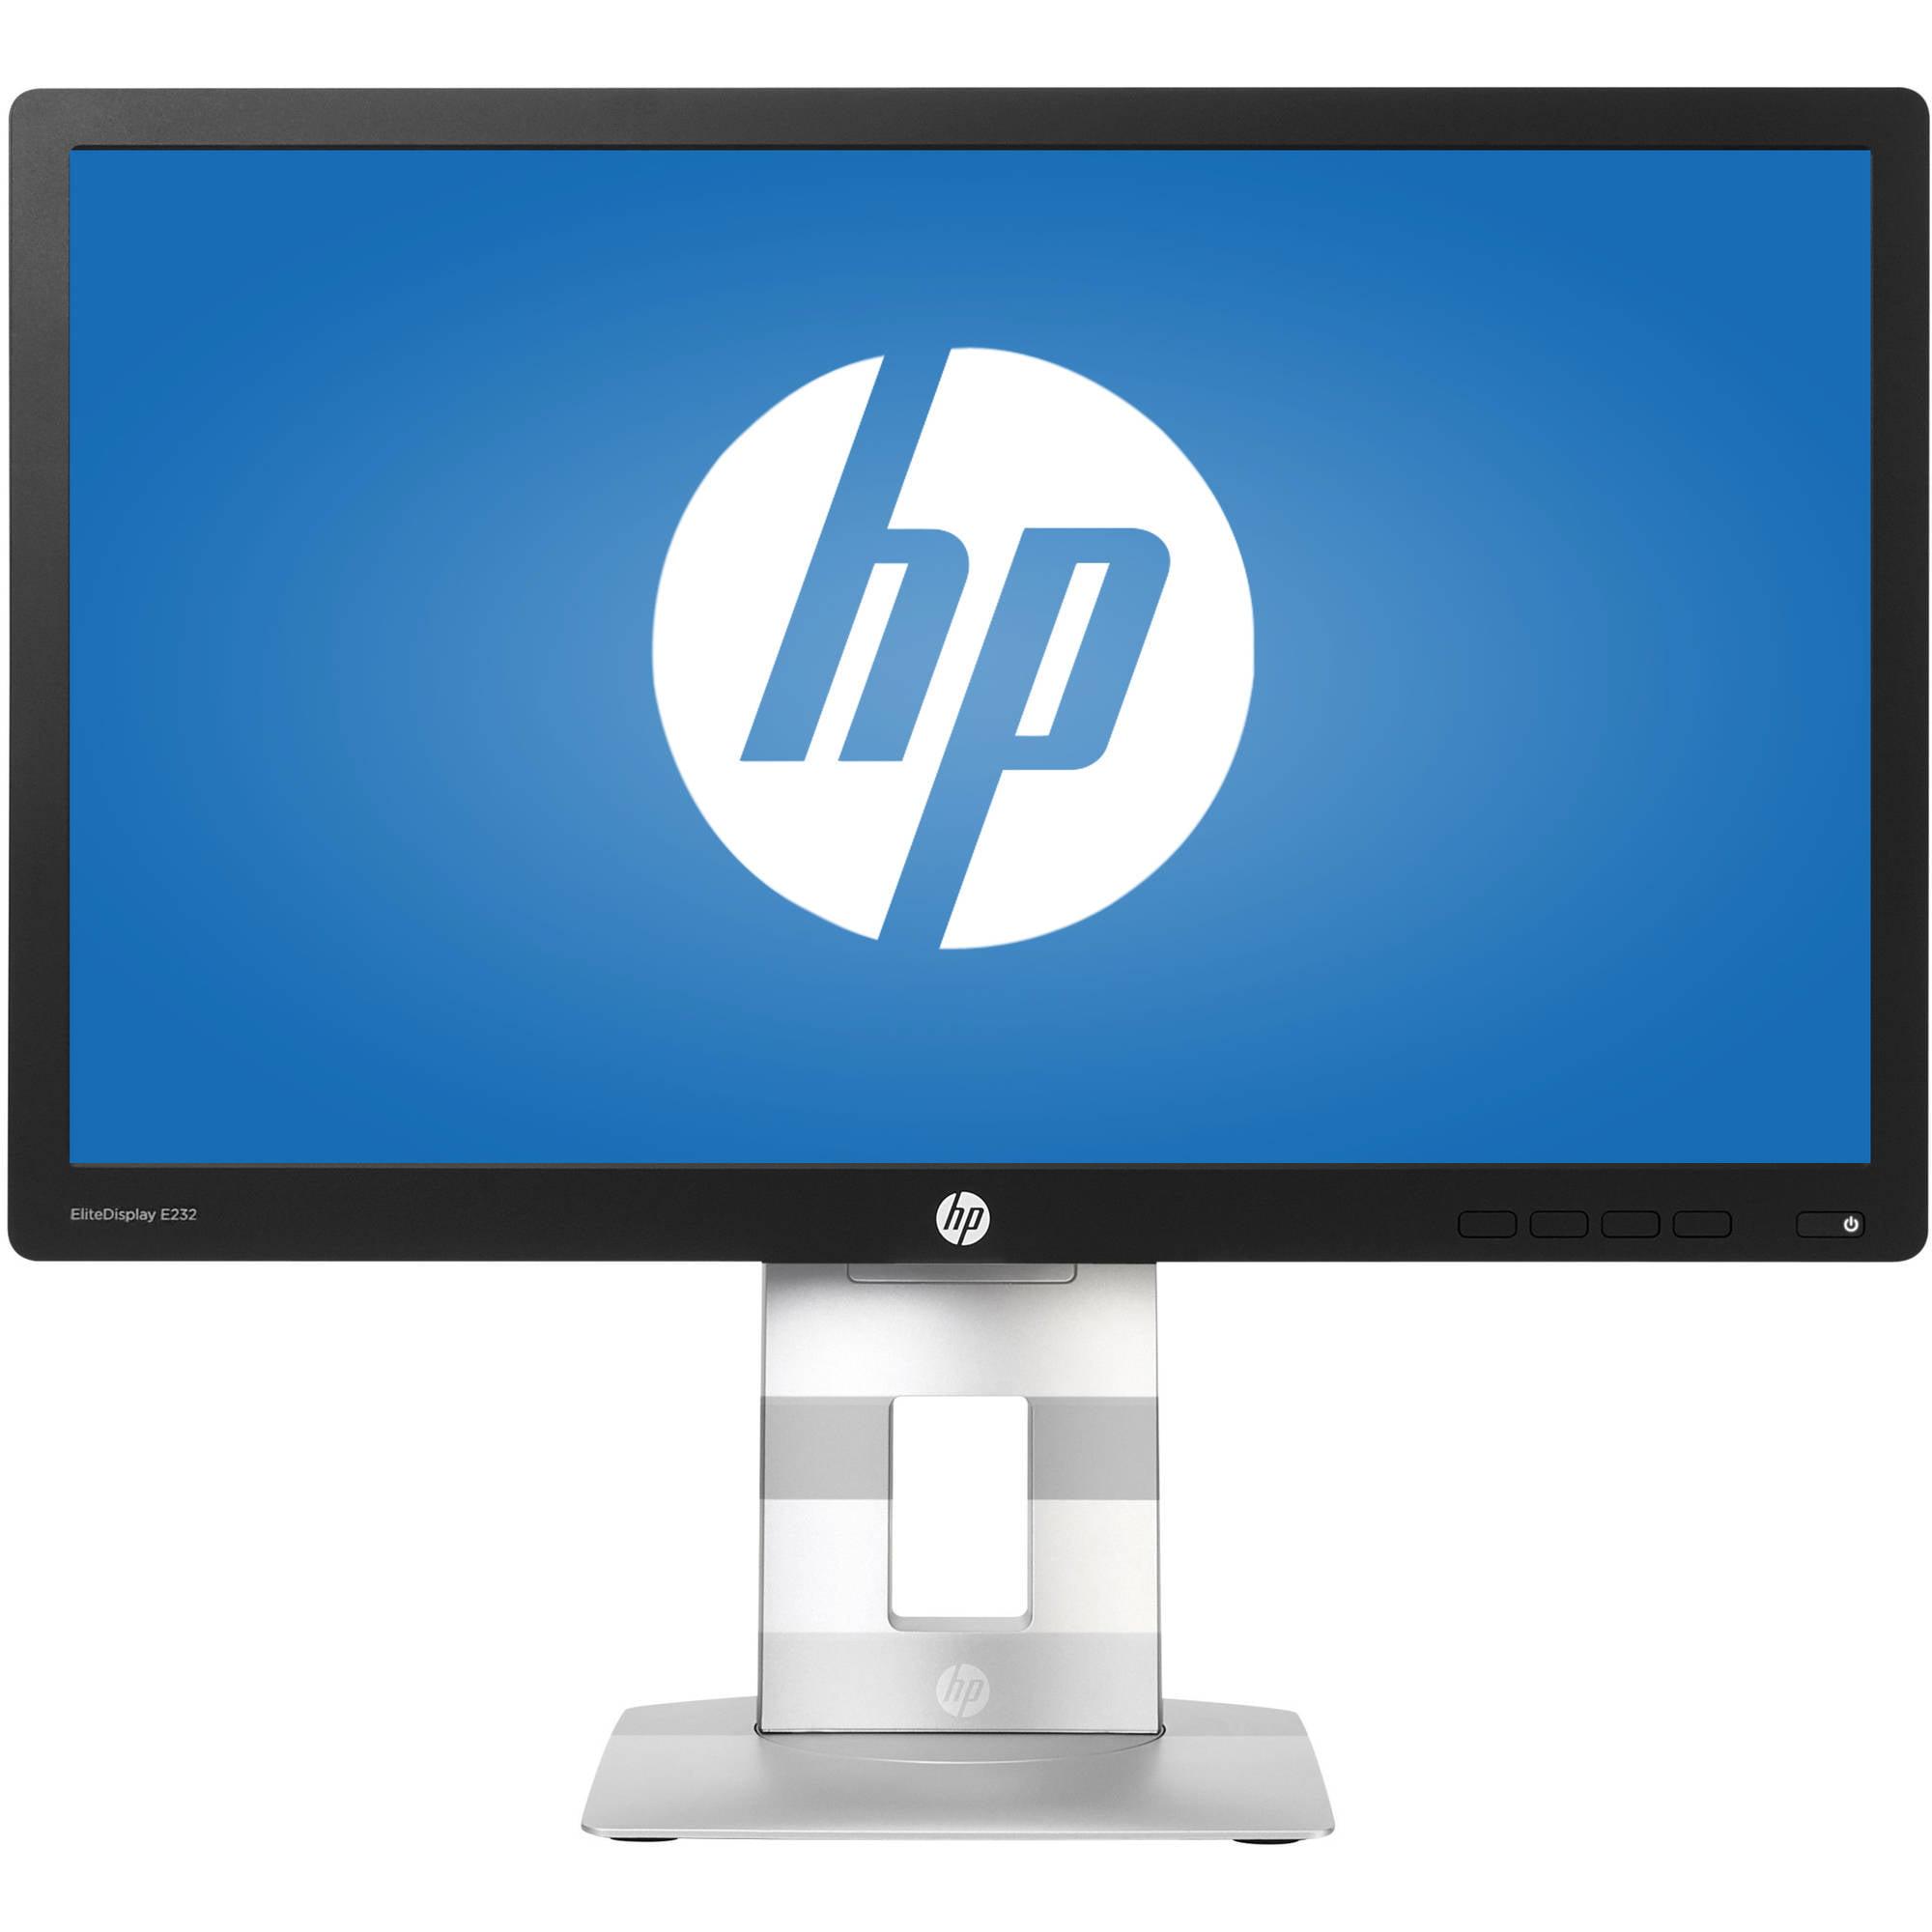 """HP EliteDesk 23"""" LED LCD Widescreen Monitor (E232 Black)"""